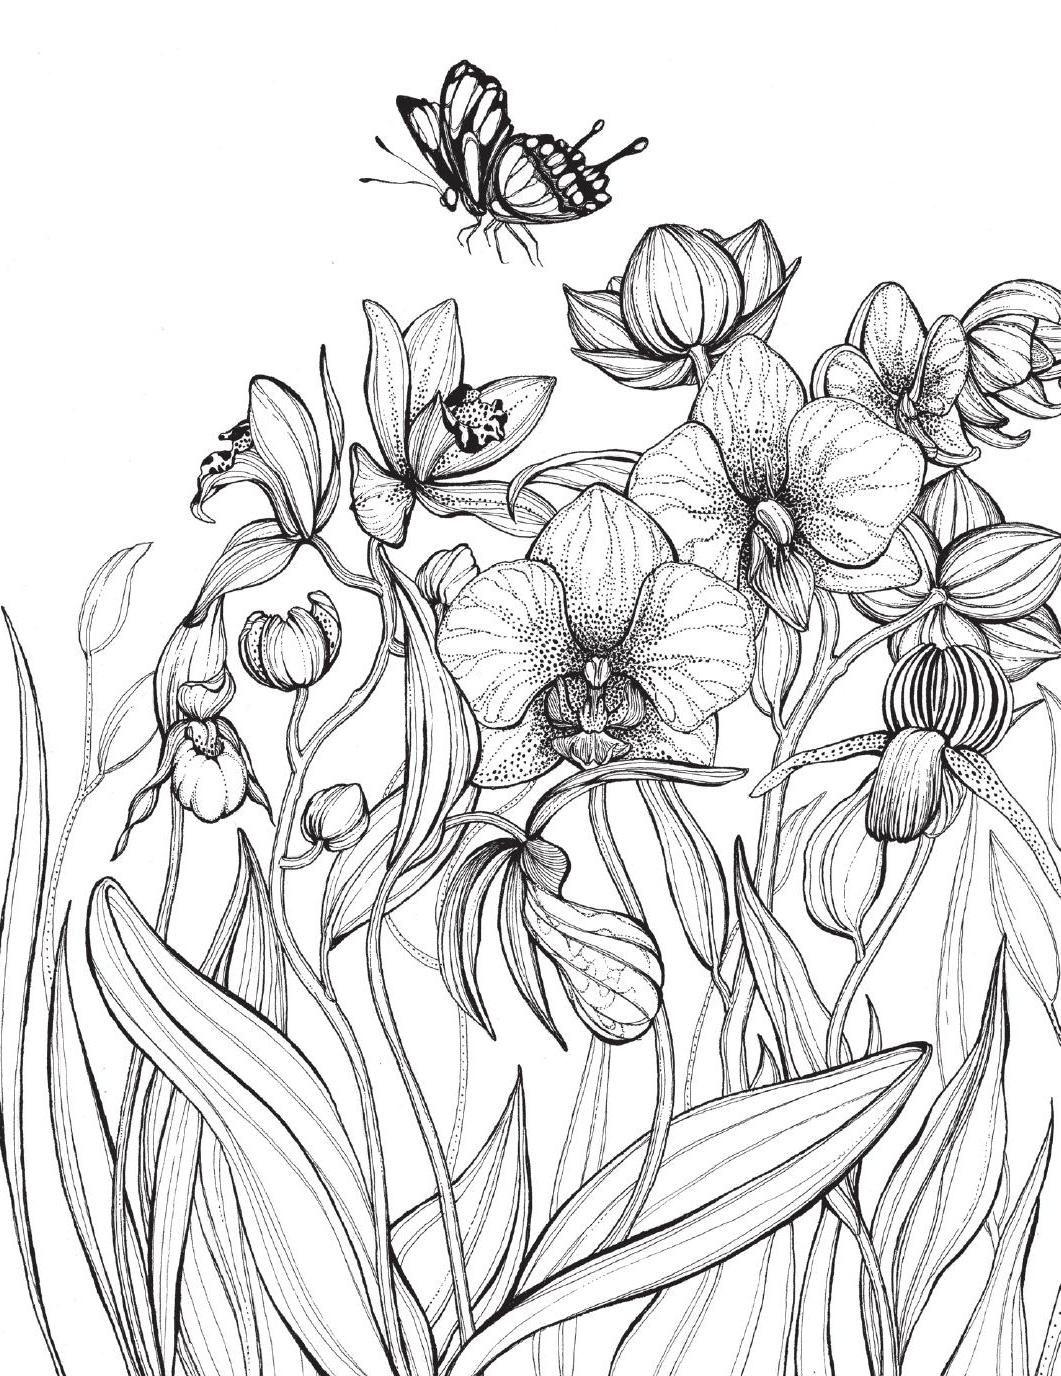 Kleurboek Voor Volwassenen Bloemen Daniela Jaglenka Terrazzini Garden Coloring Pages Flower Line Drawings Flower Coloring Pages